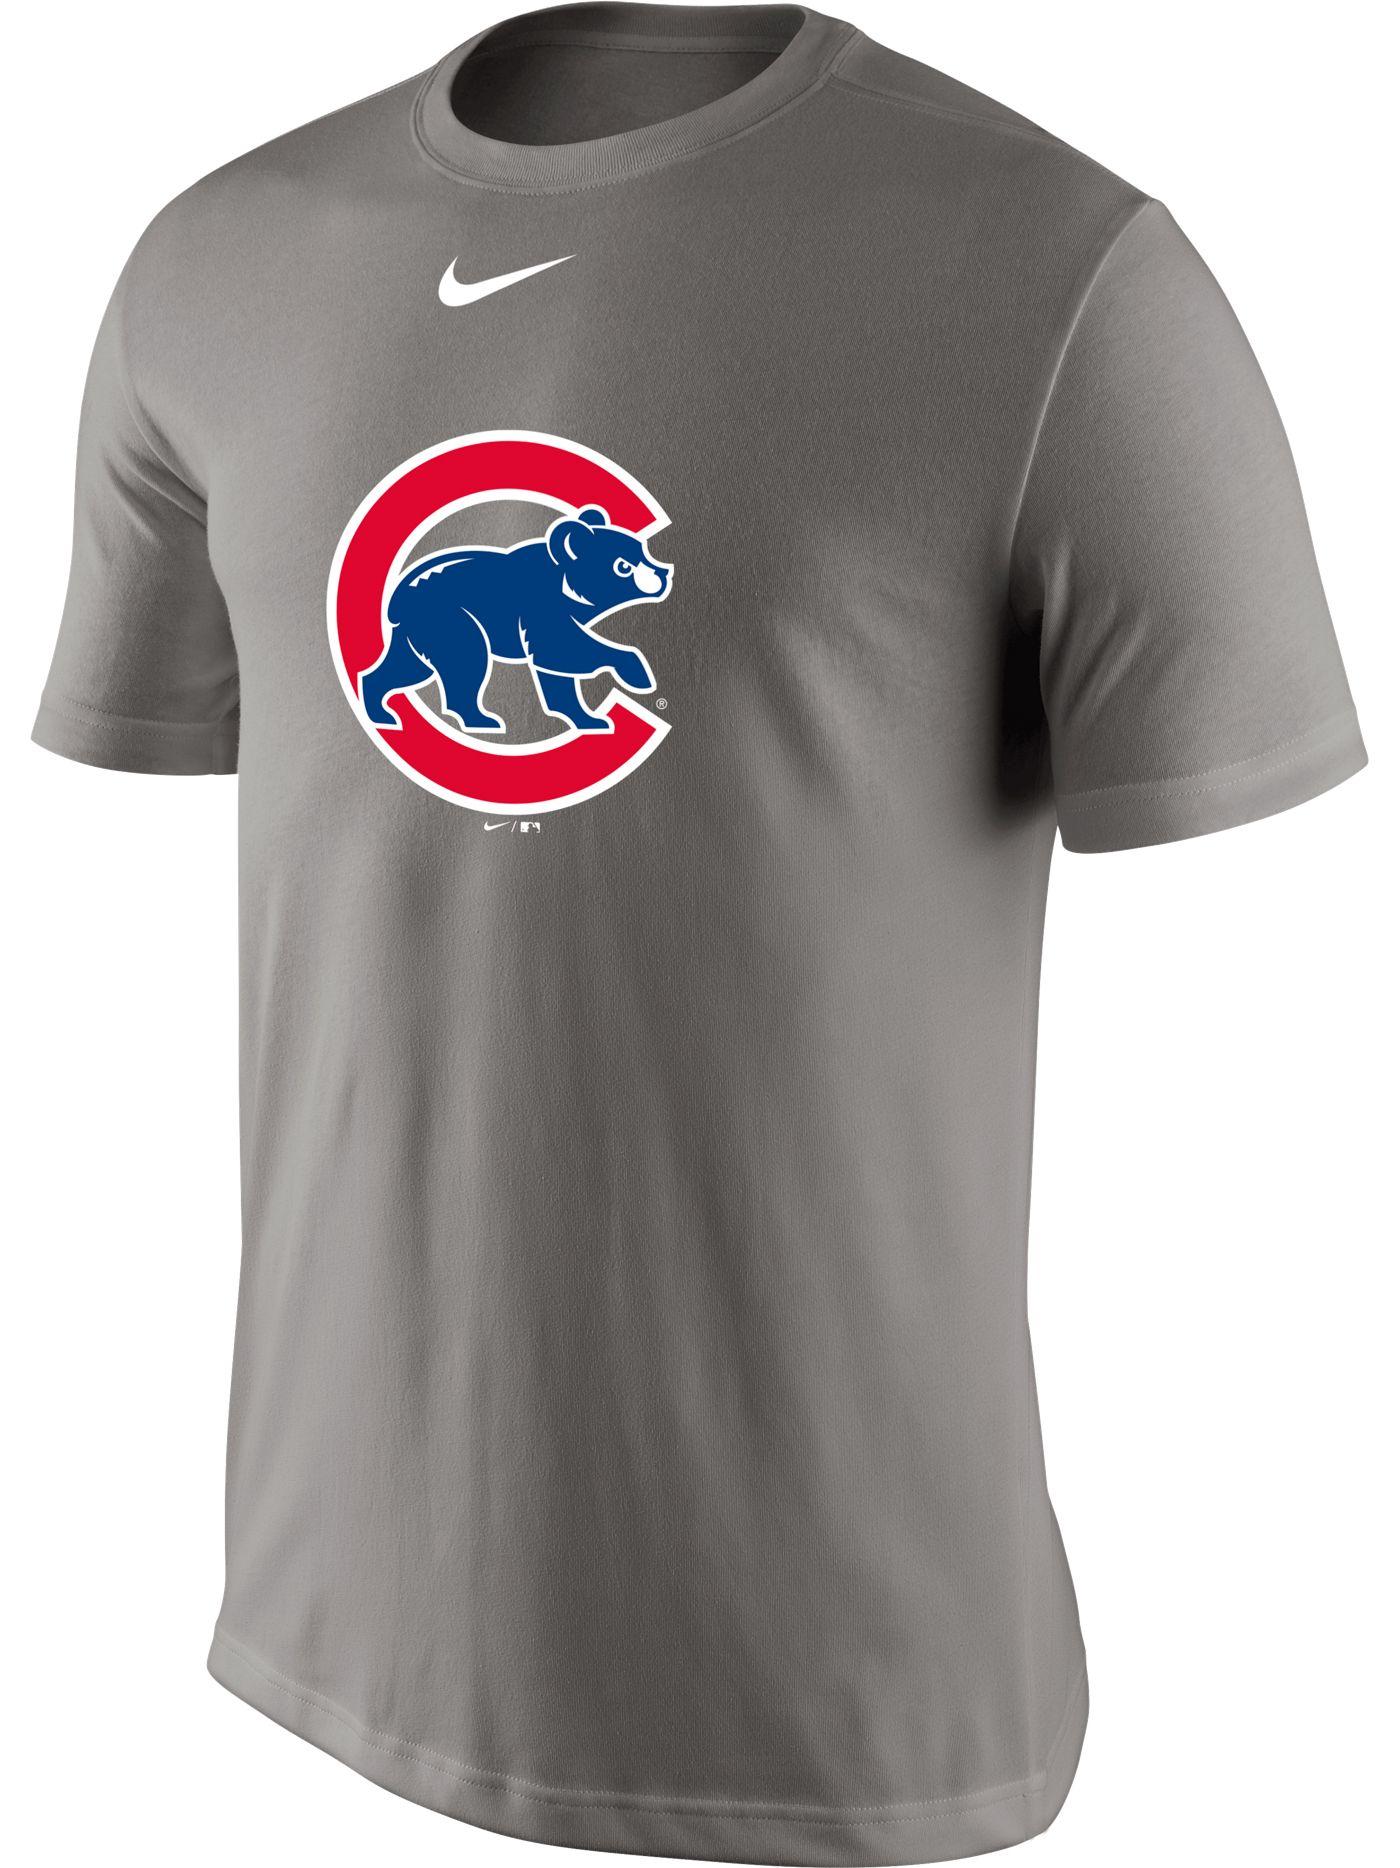 Nike Men's Chicago Cubs Dri-FIT Legend T-Shirt